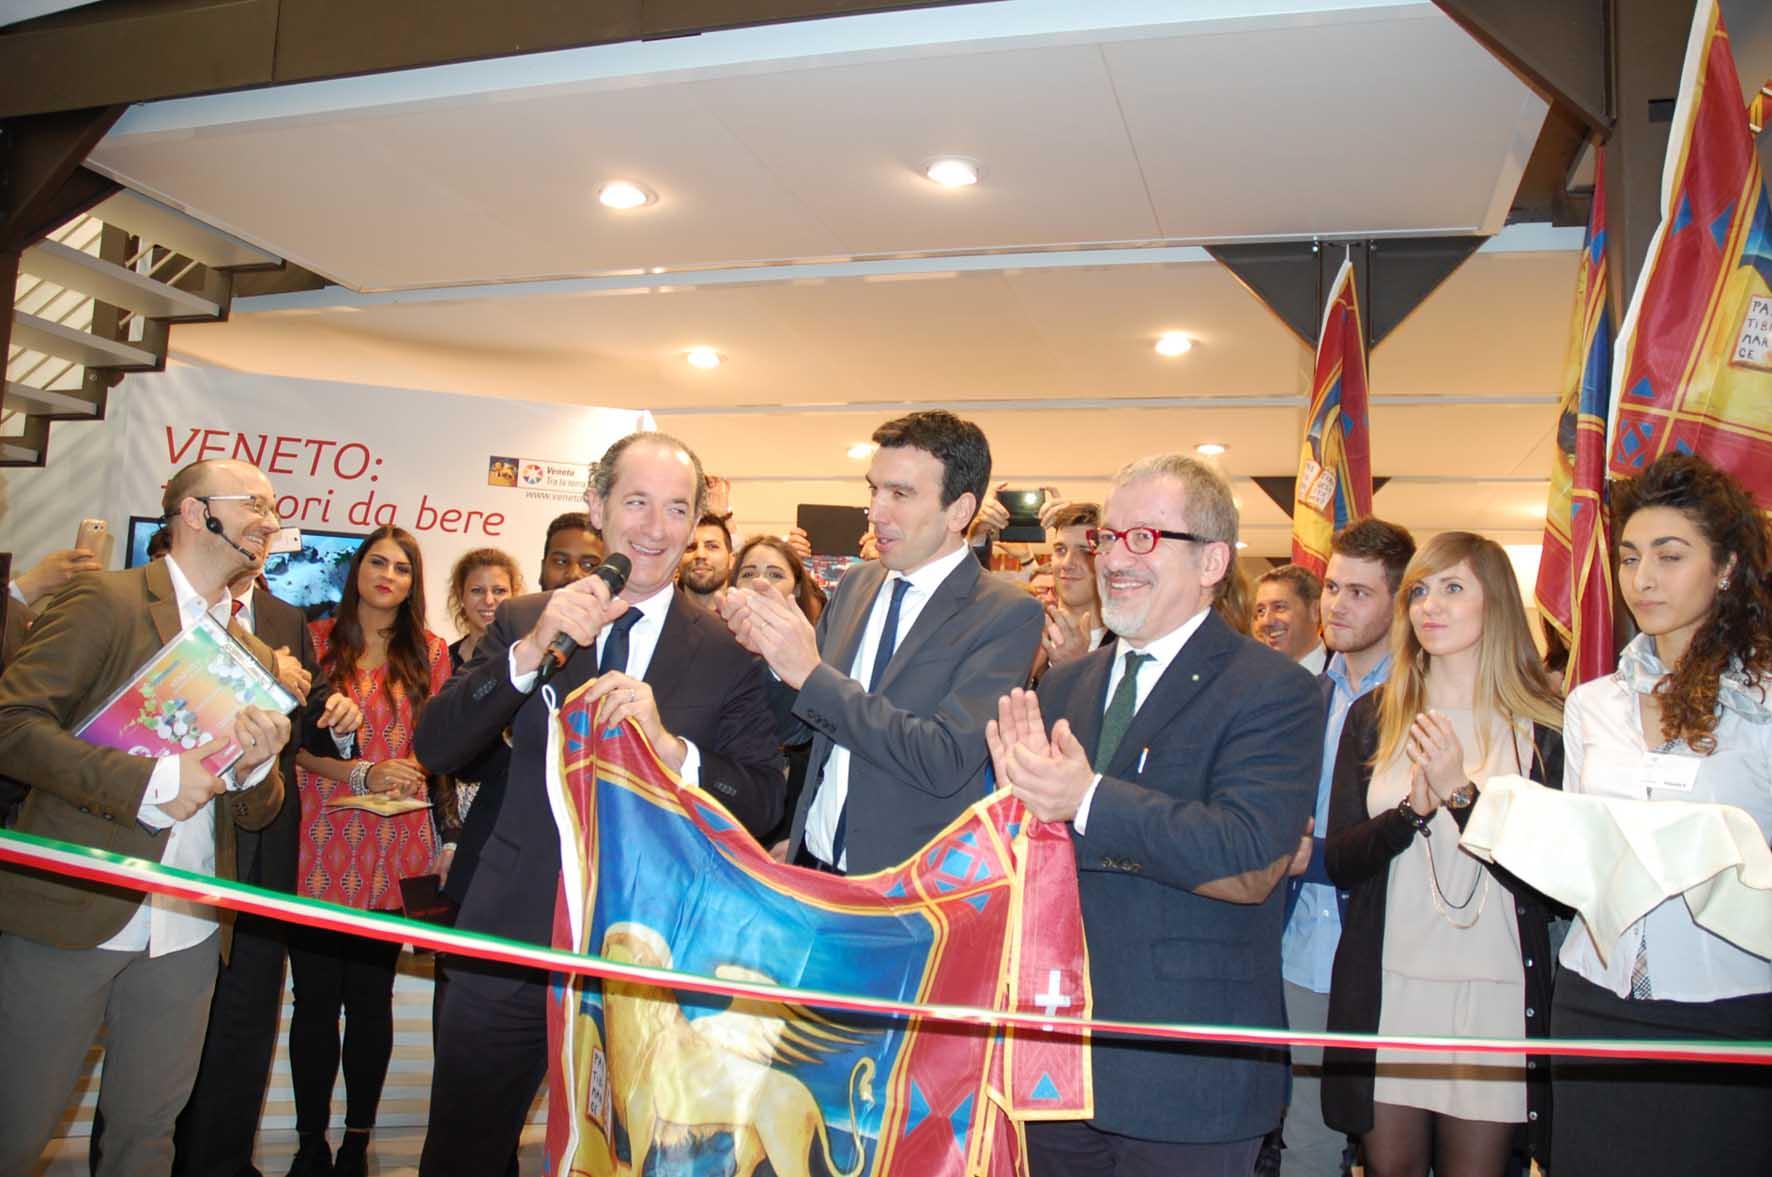 Vinitaly 2015 inaugurazione stand veneto luca zaia maurizio martina roberto maroni 1